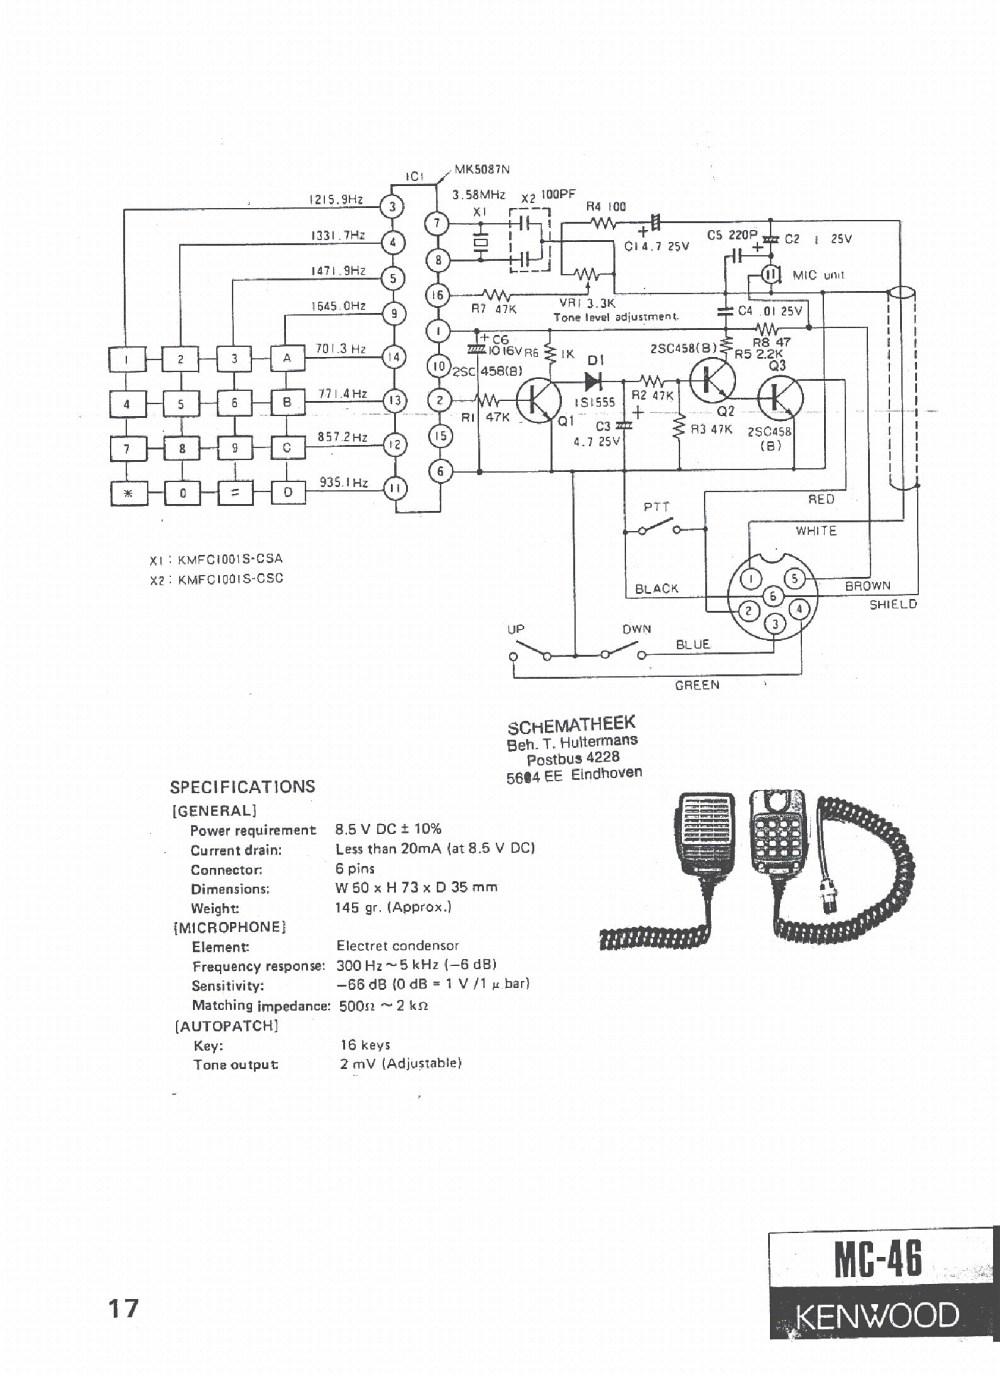 medium resolution of wilkinson pickup wiring diagram wiring library rh 69 kandelhof restaurant de wilkinson single coil pickup wiring diagram wilkinson single coil pickup wiring